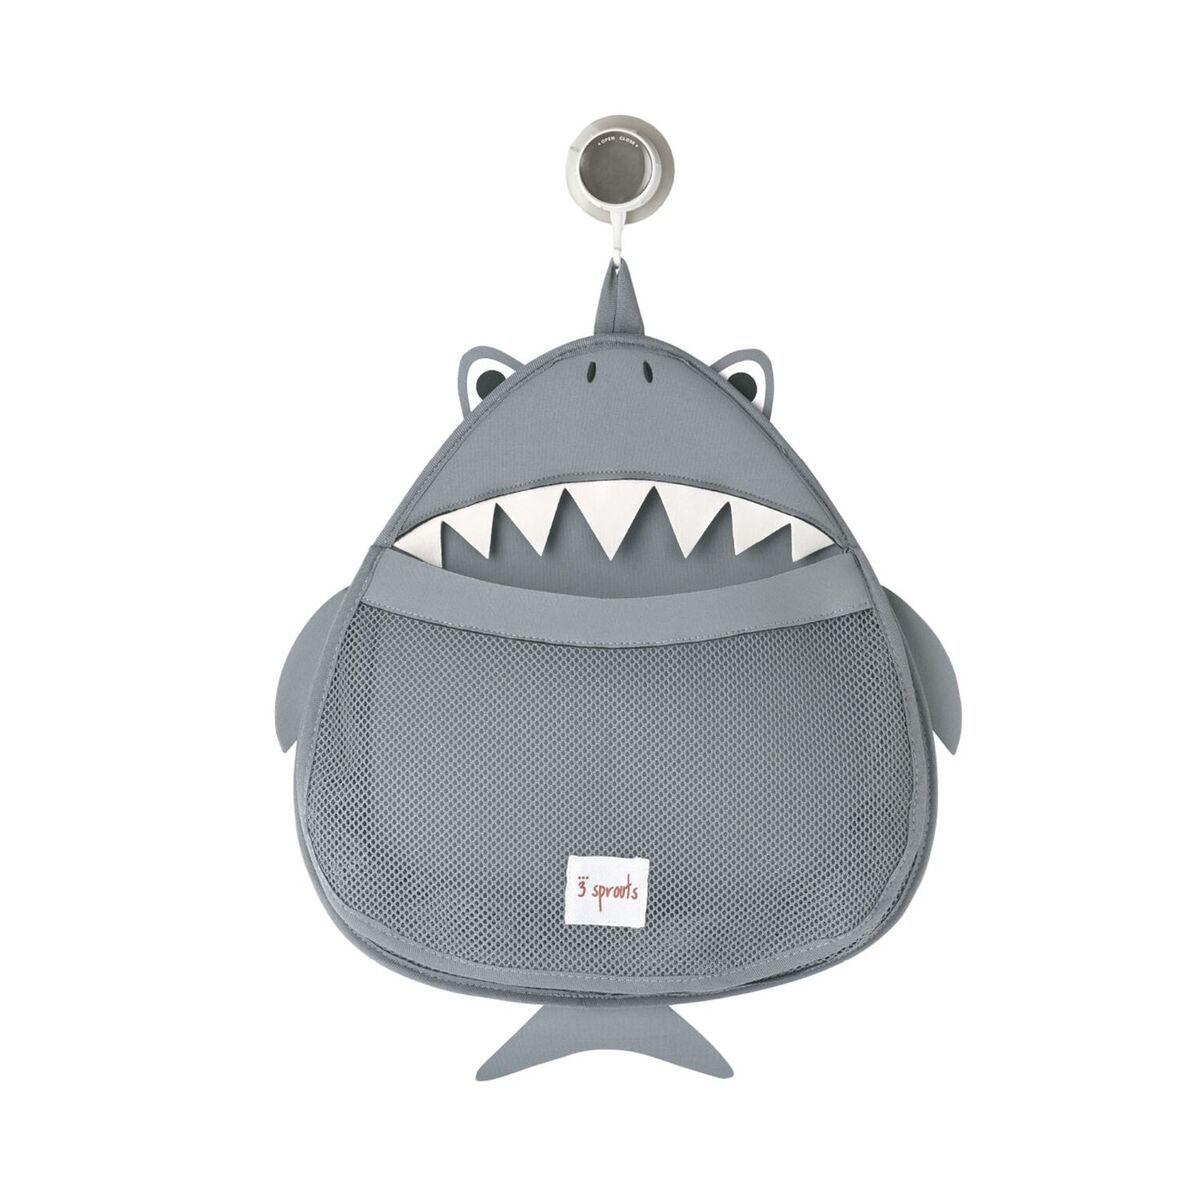 Organizador de Banho 3 Sprouts - Tubarão